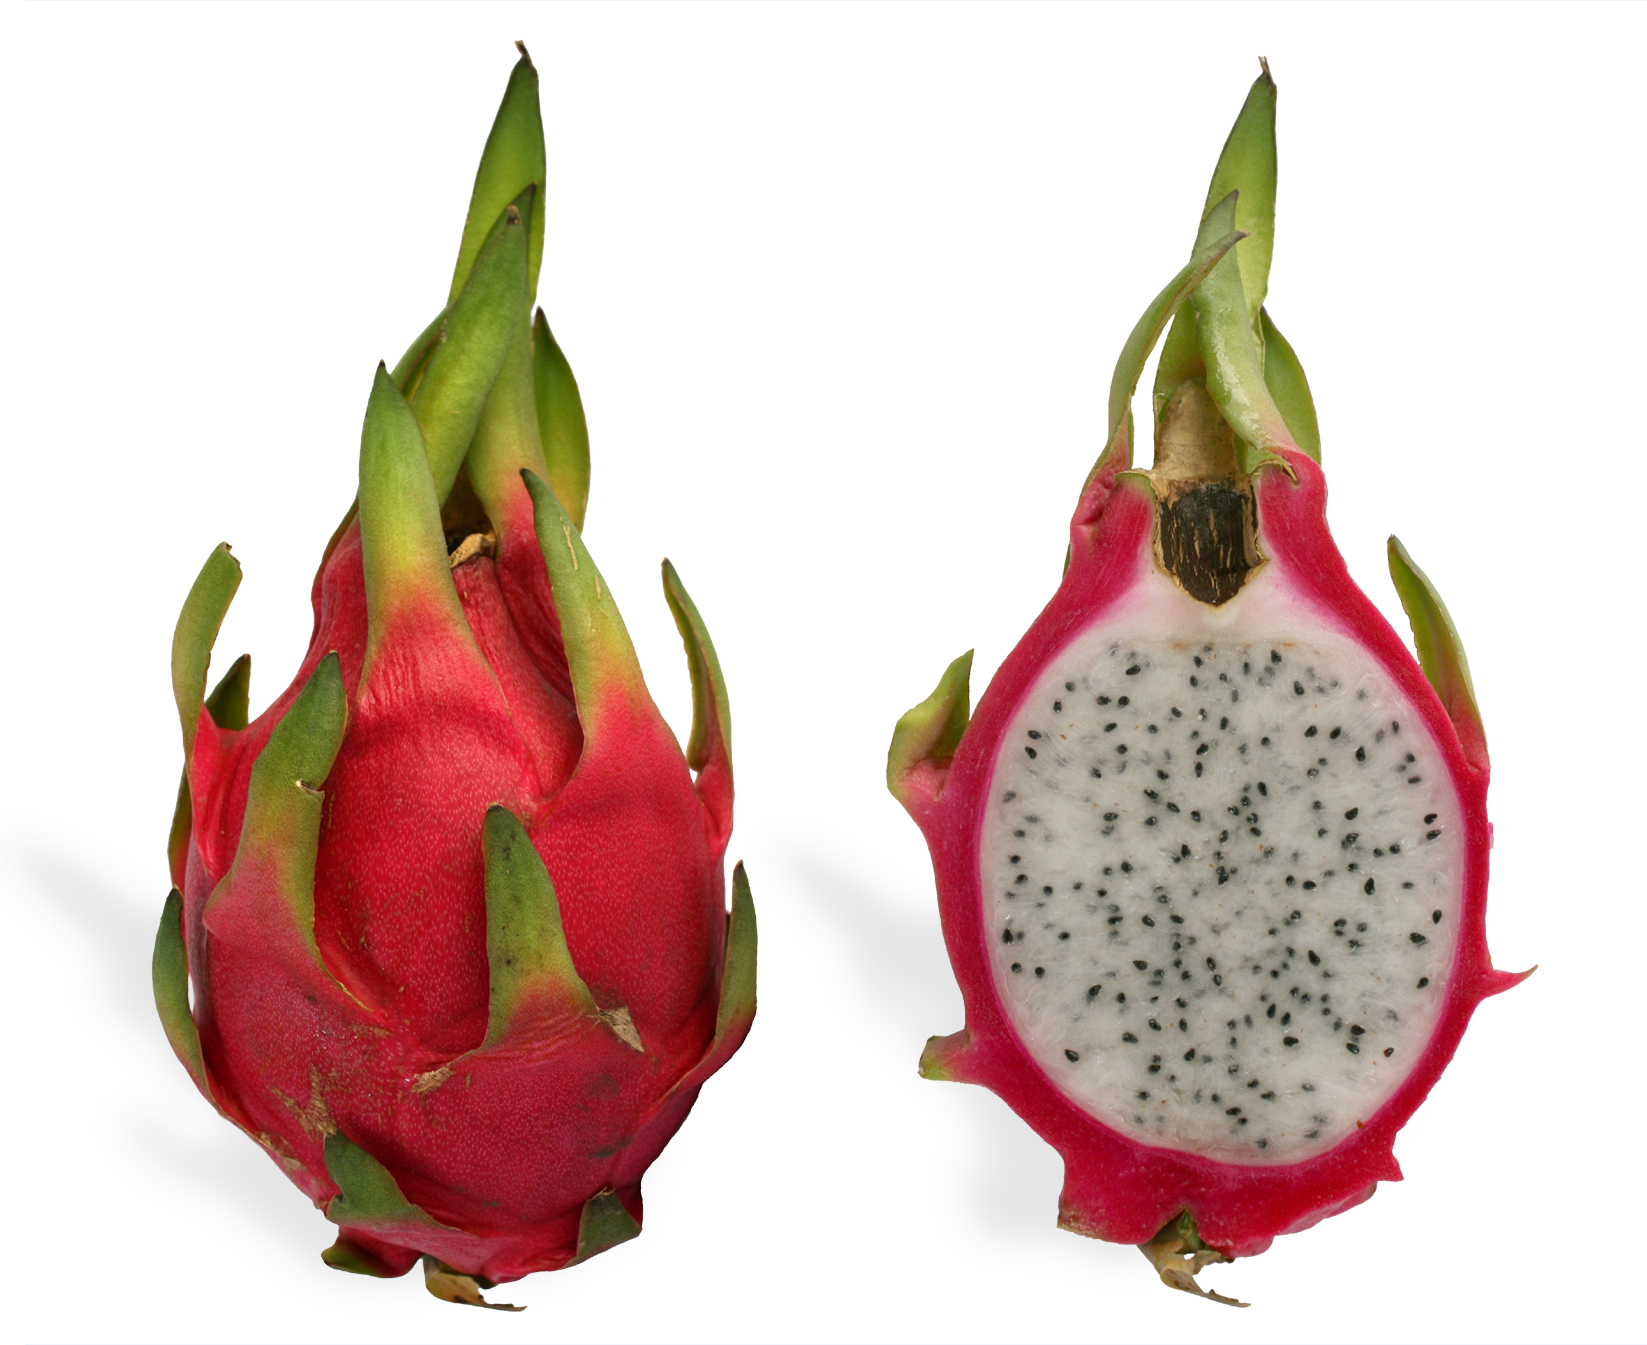 Dragon fruit Pitaya Strange fruits that surprise you Strange fruits that surprise you Pitaya